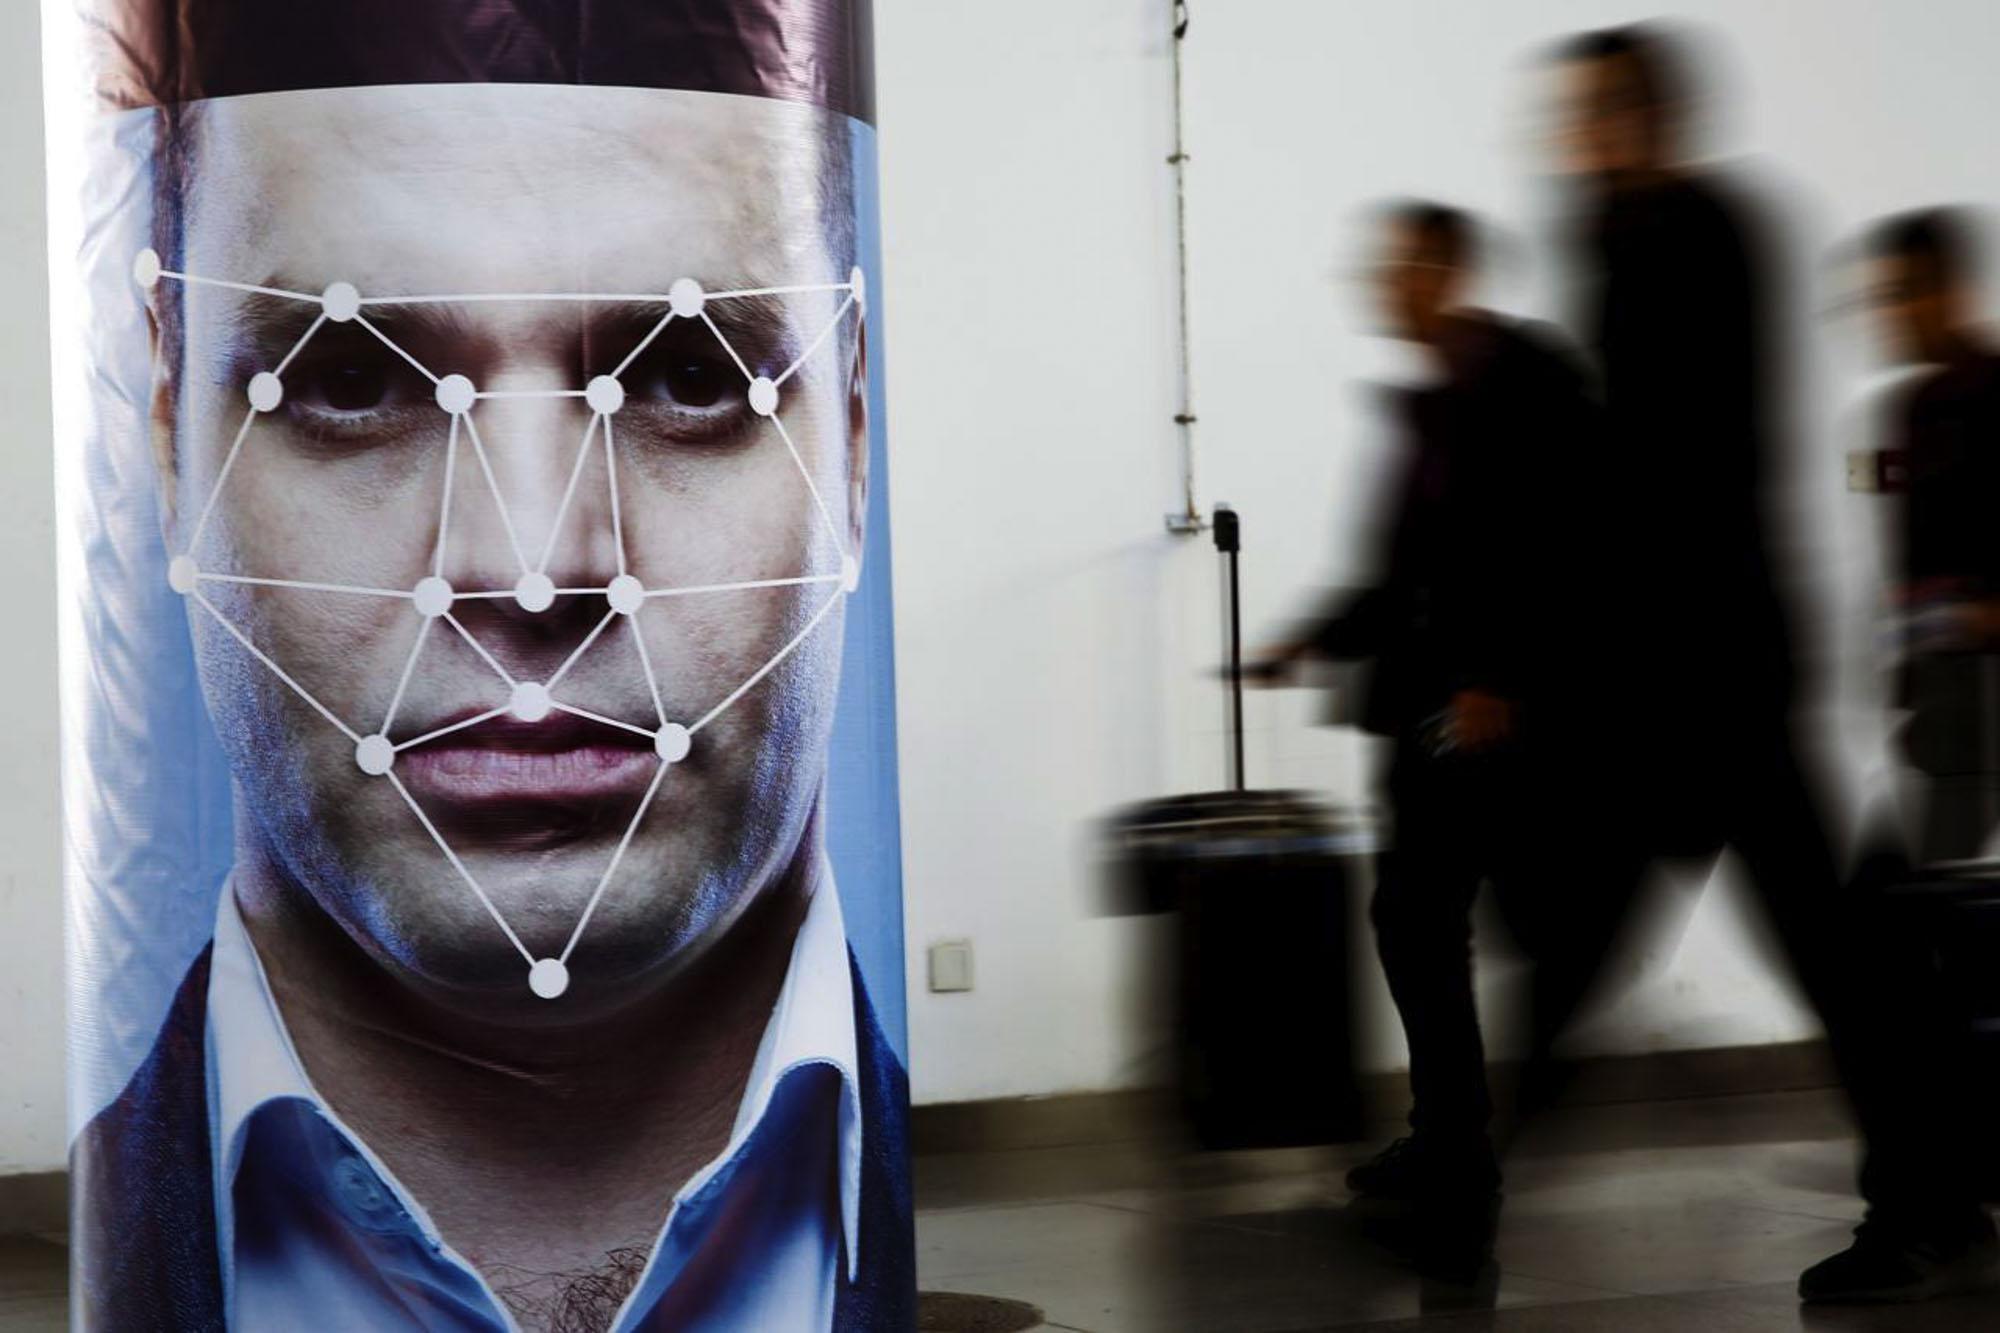 As tecnologias de reconhecimento facial estão cada vez mais disseminadas. Fonte: REuters